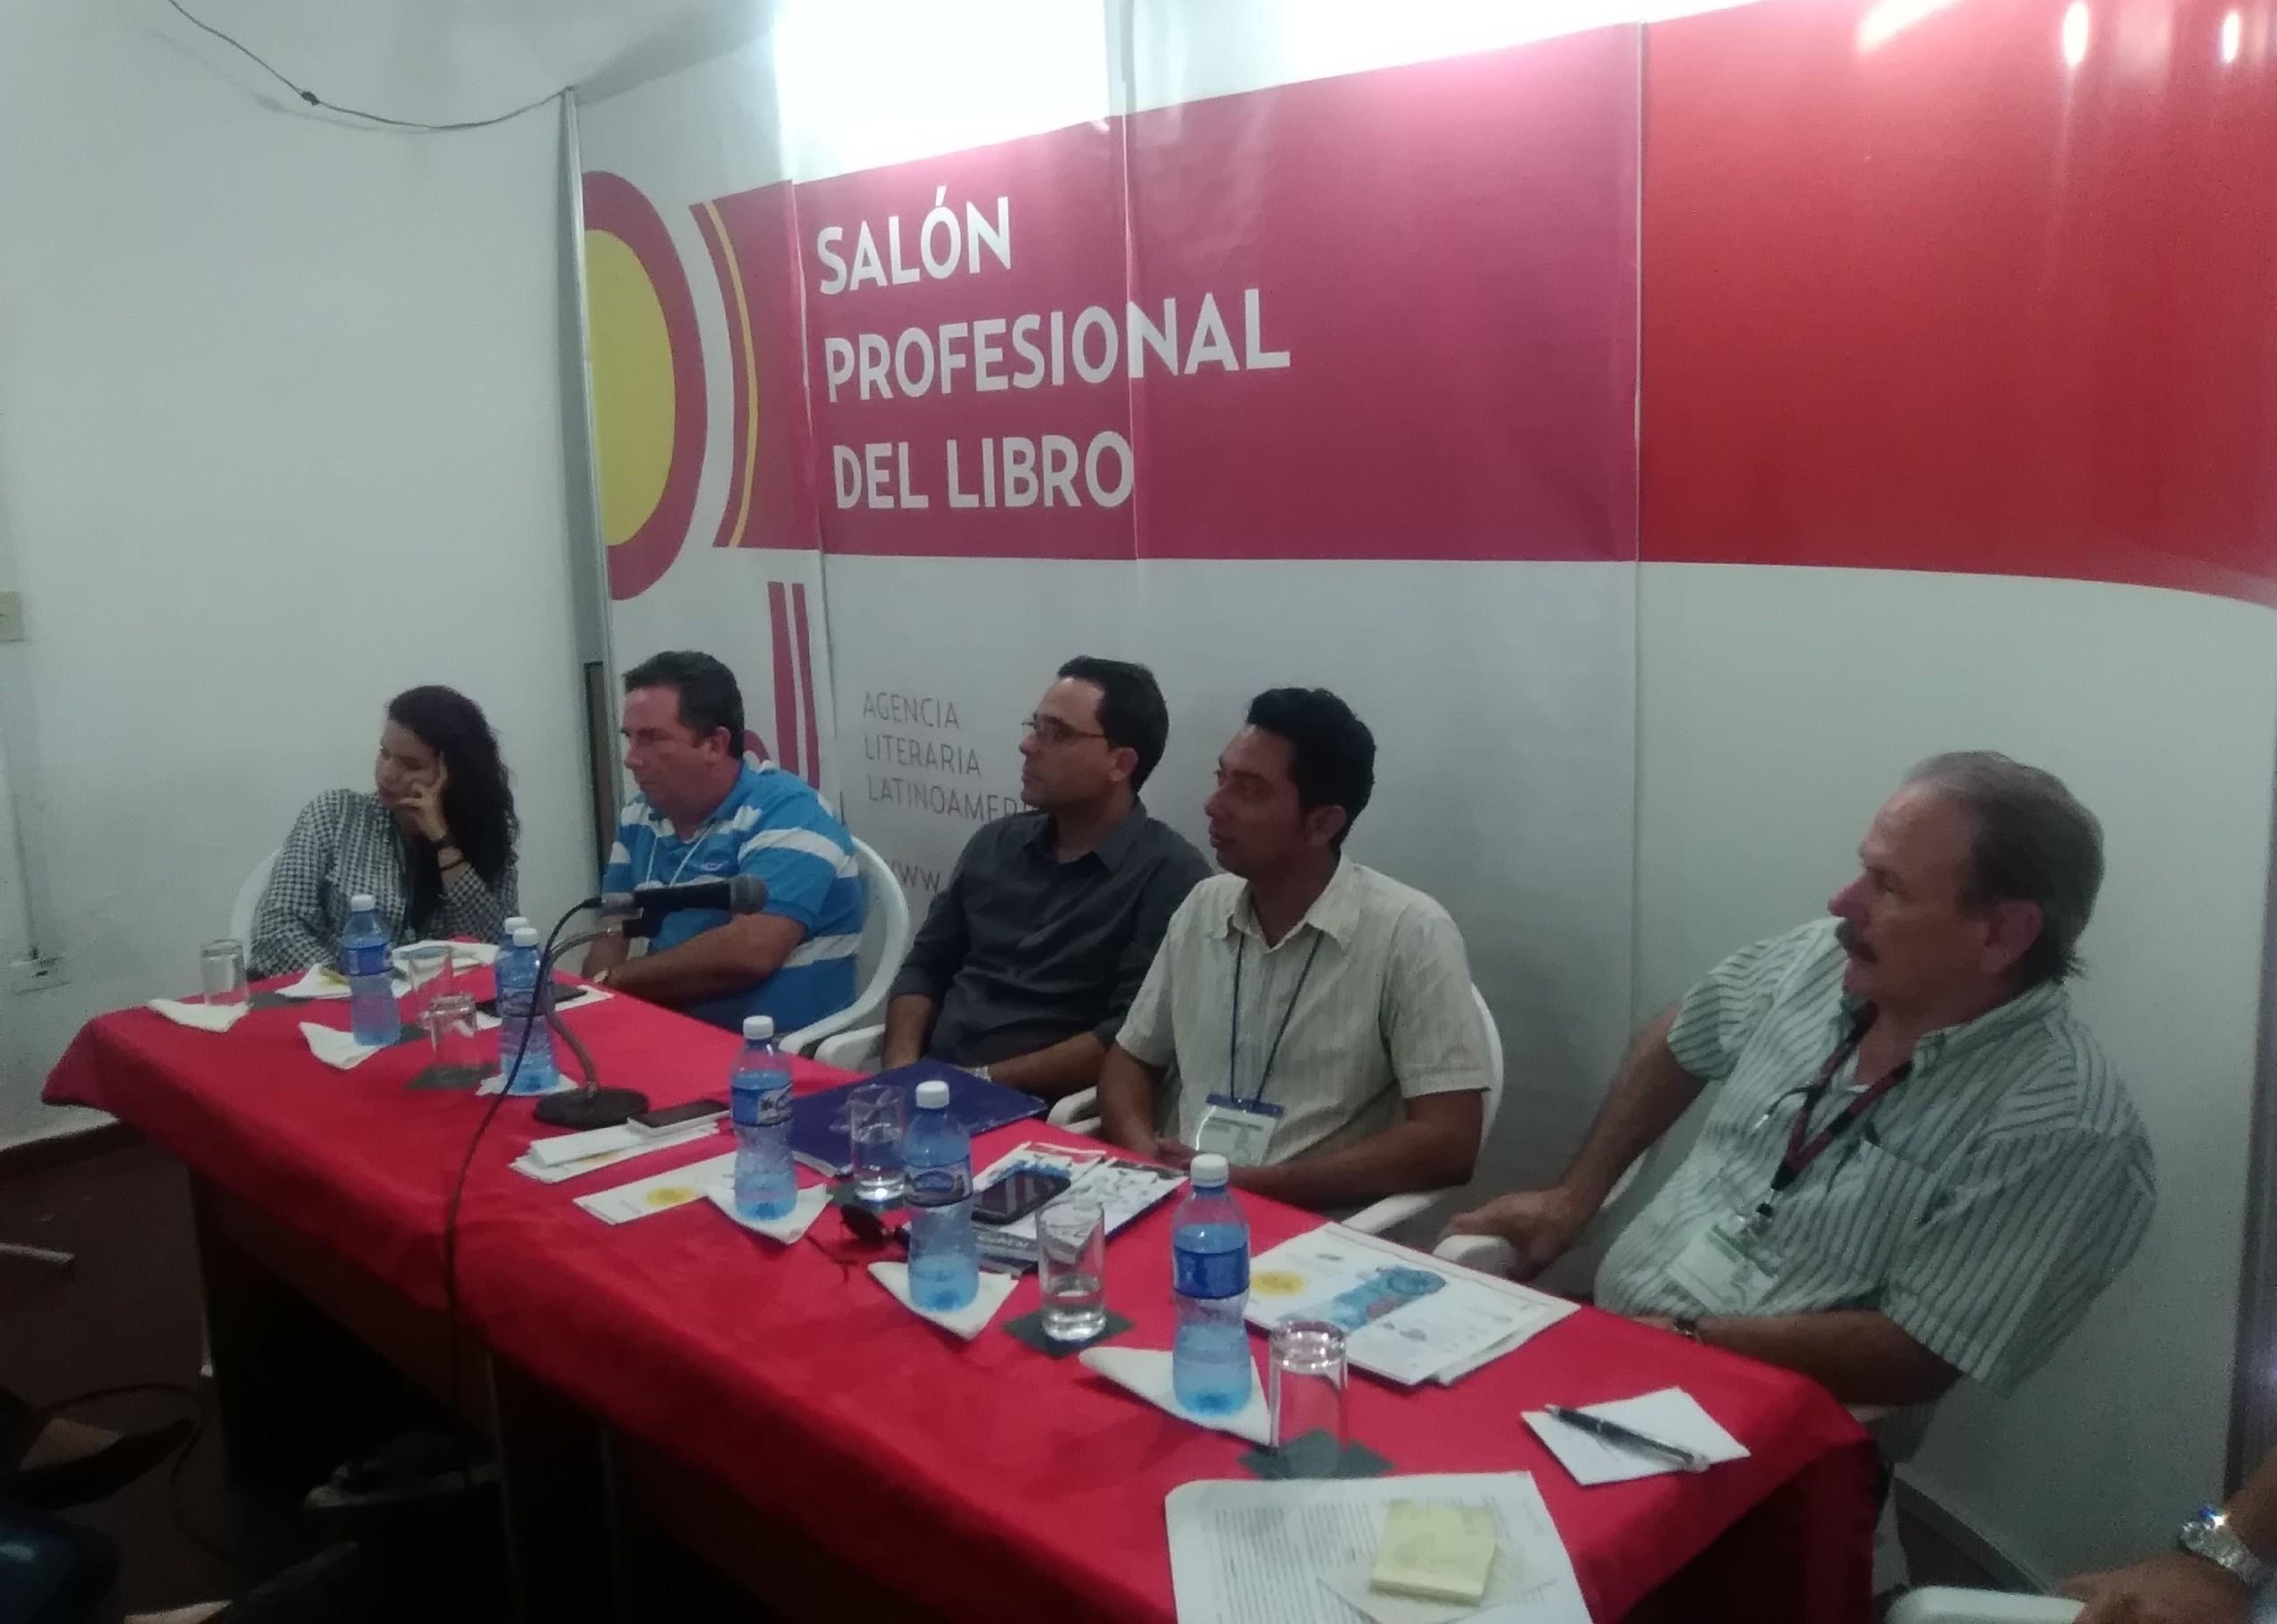 Segundo, de derecha a izquierda, Raynel Batista Téllez, metodólogo de la Dirección de Ciencia, Tecnología e Innovación de la UCI, participa en el panel sobre el libro digital en Cuba de la XXVII Feria Internacional del Libro de La Habana